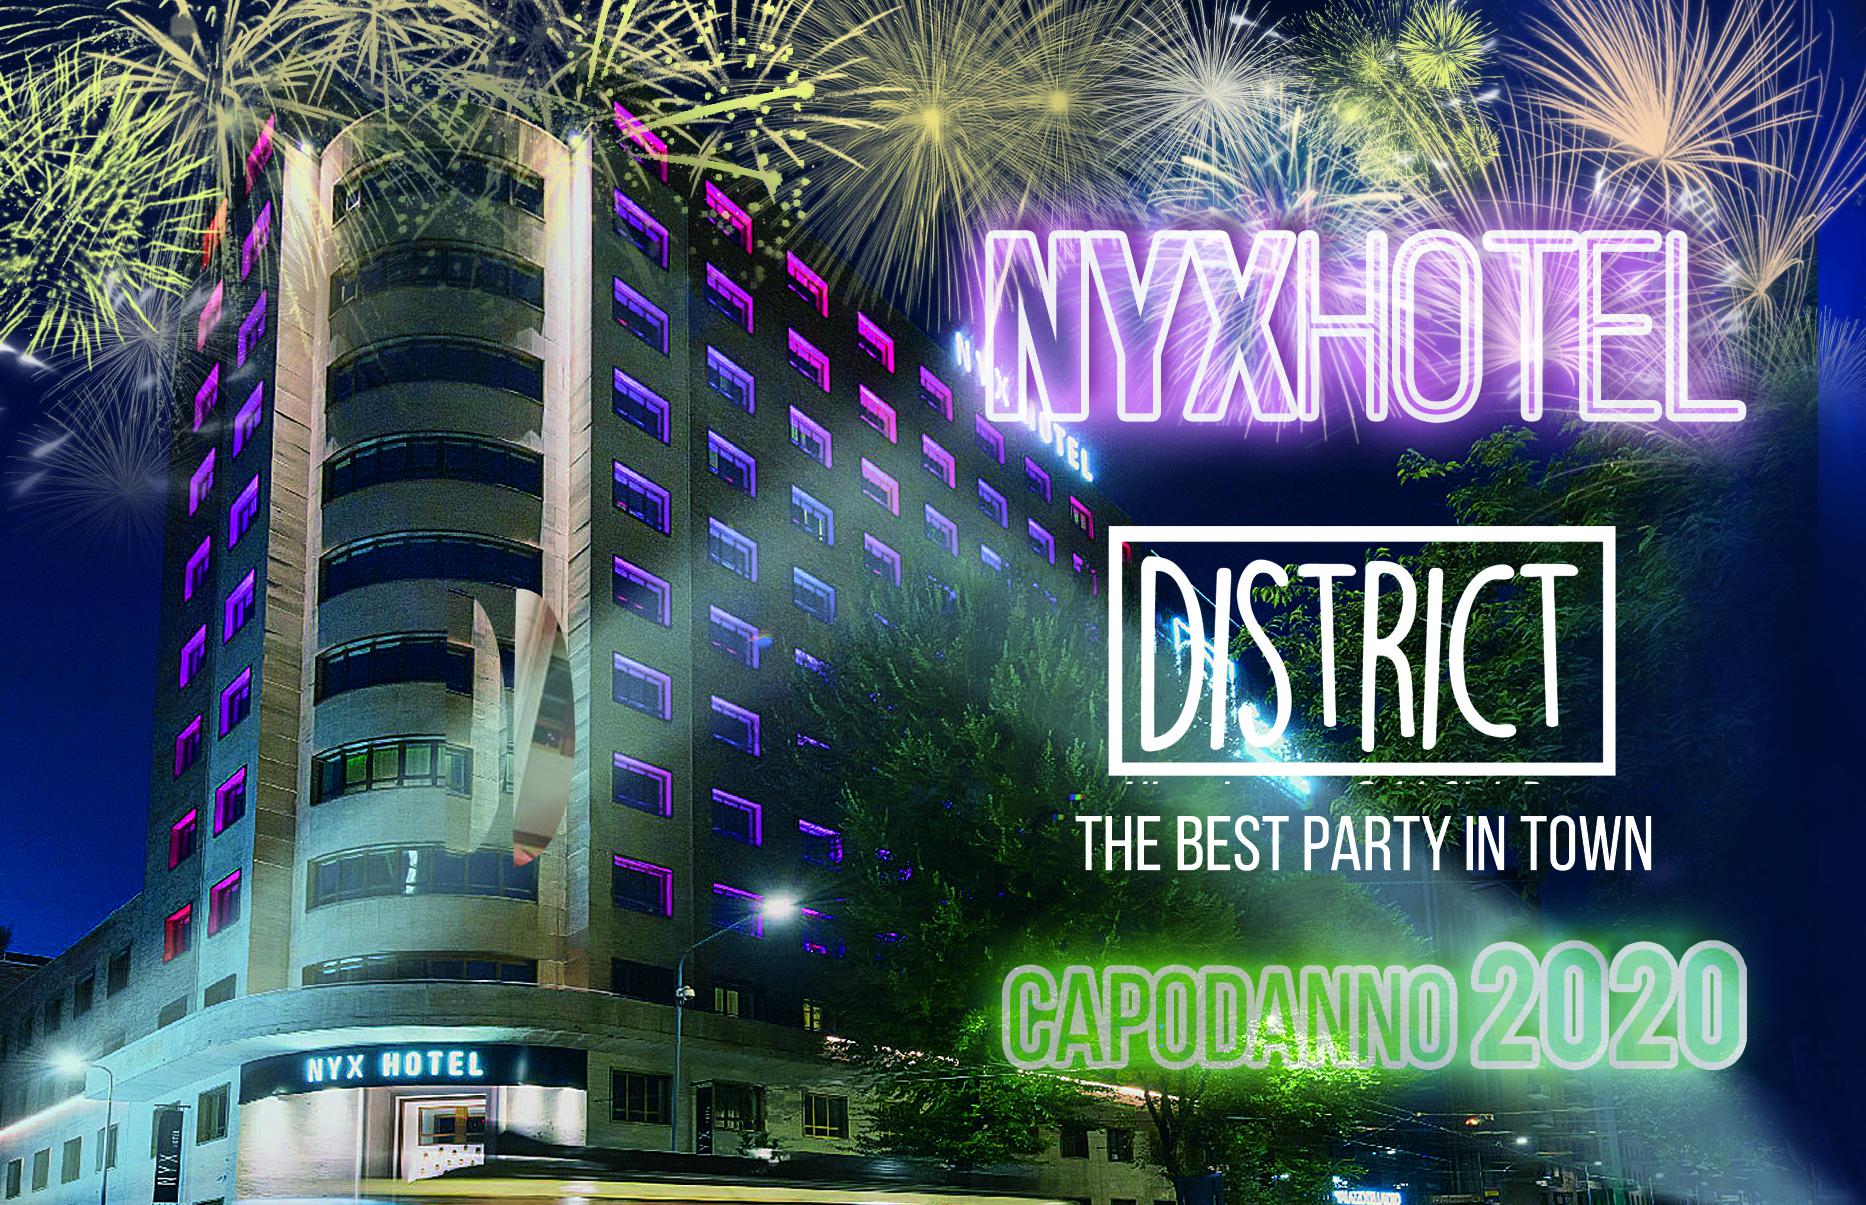 NYX Hotel 2020